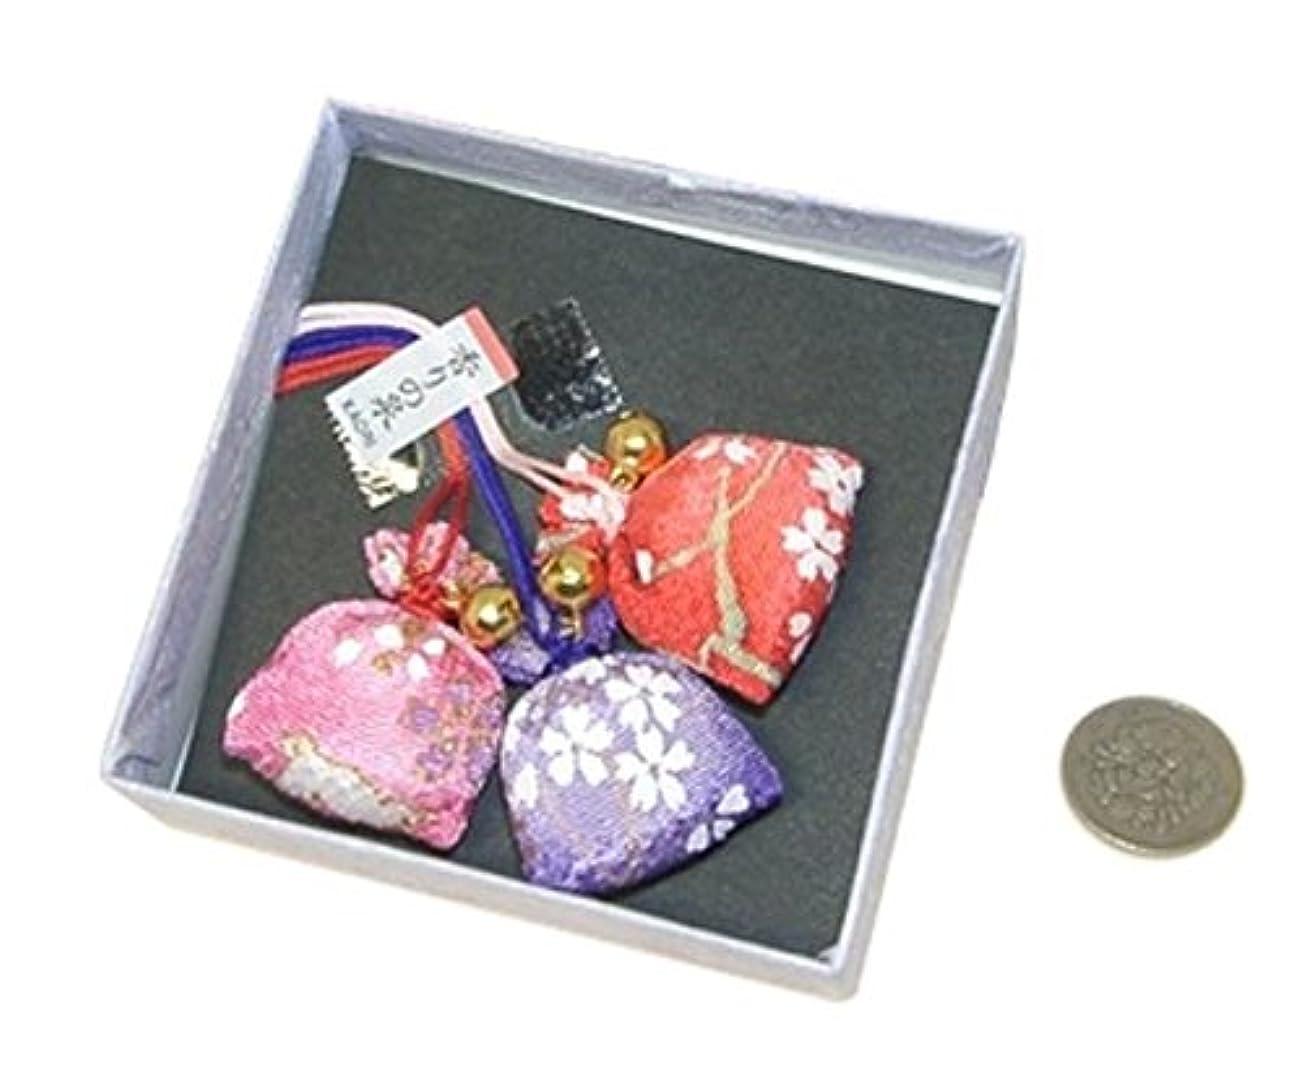 解放ヘクタールテラス匂い袋 香りの泉(3個入り) 34-422 サシェ